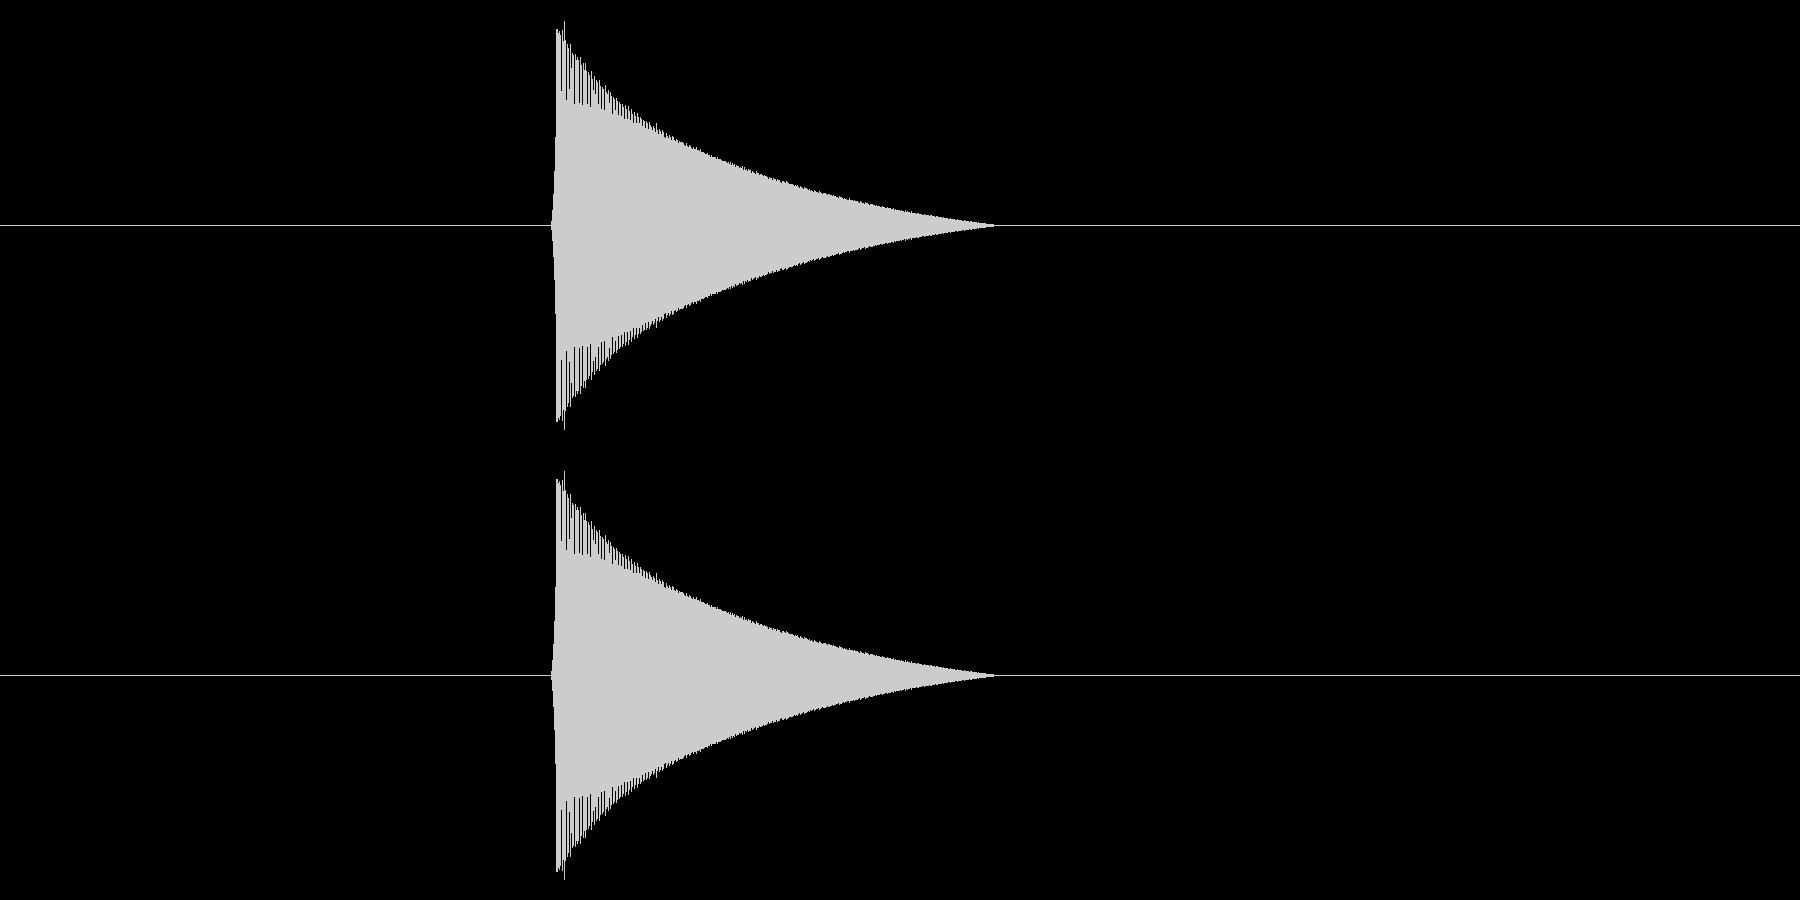 ファミコン風_ピュン_弾を打つ音2の未再生の波形